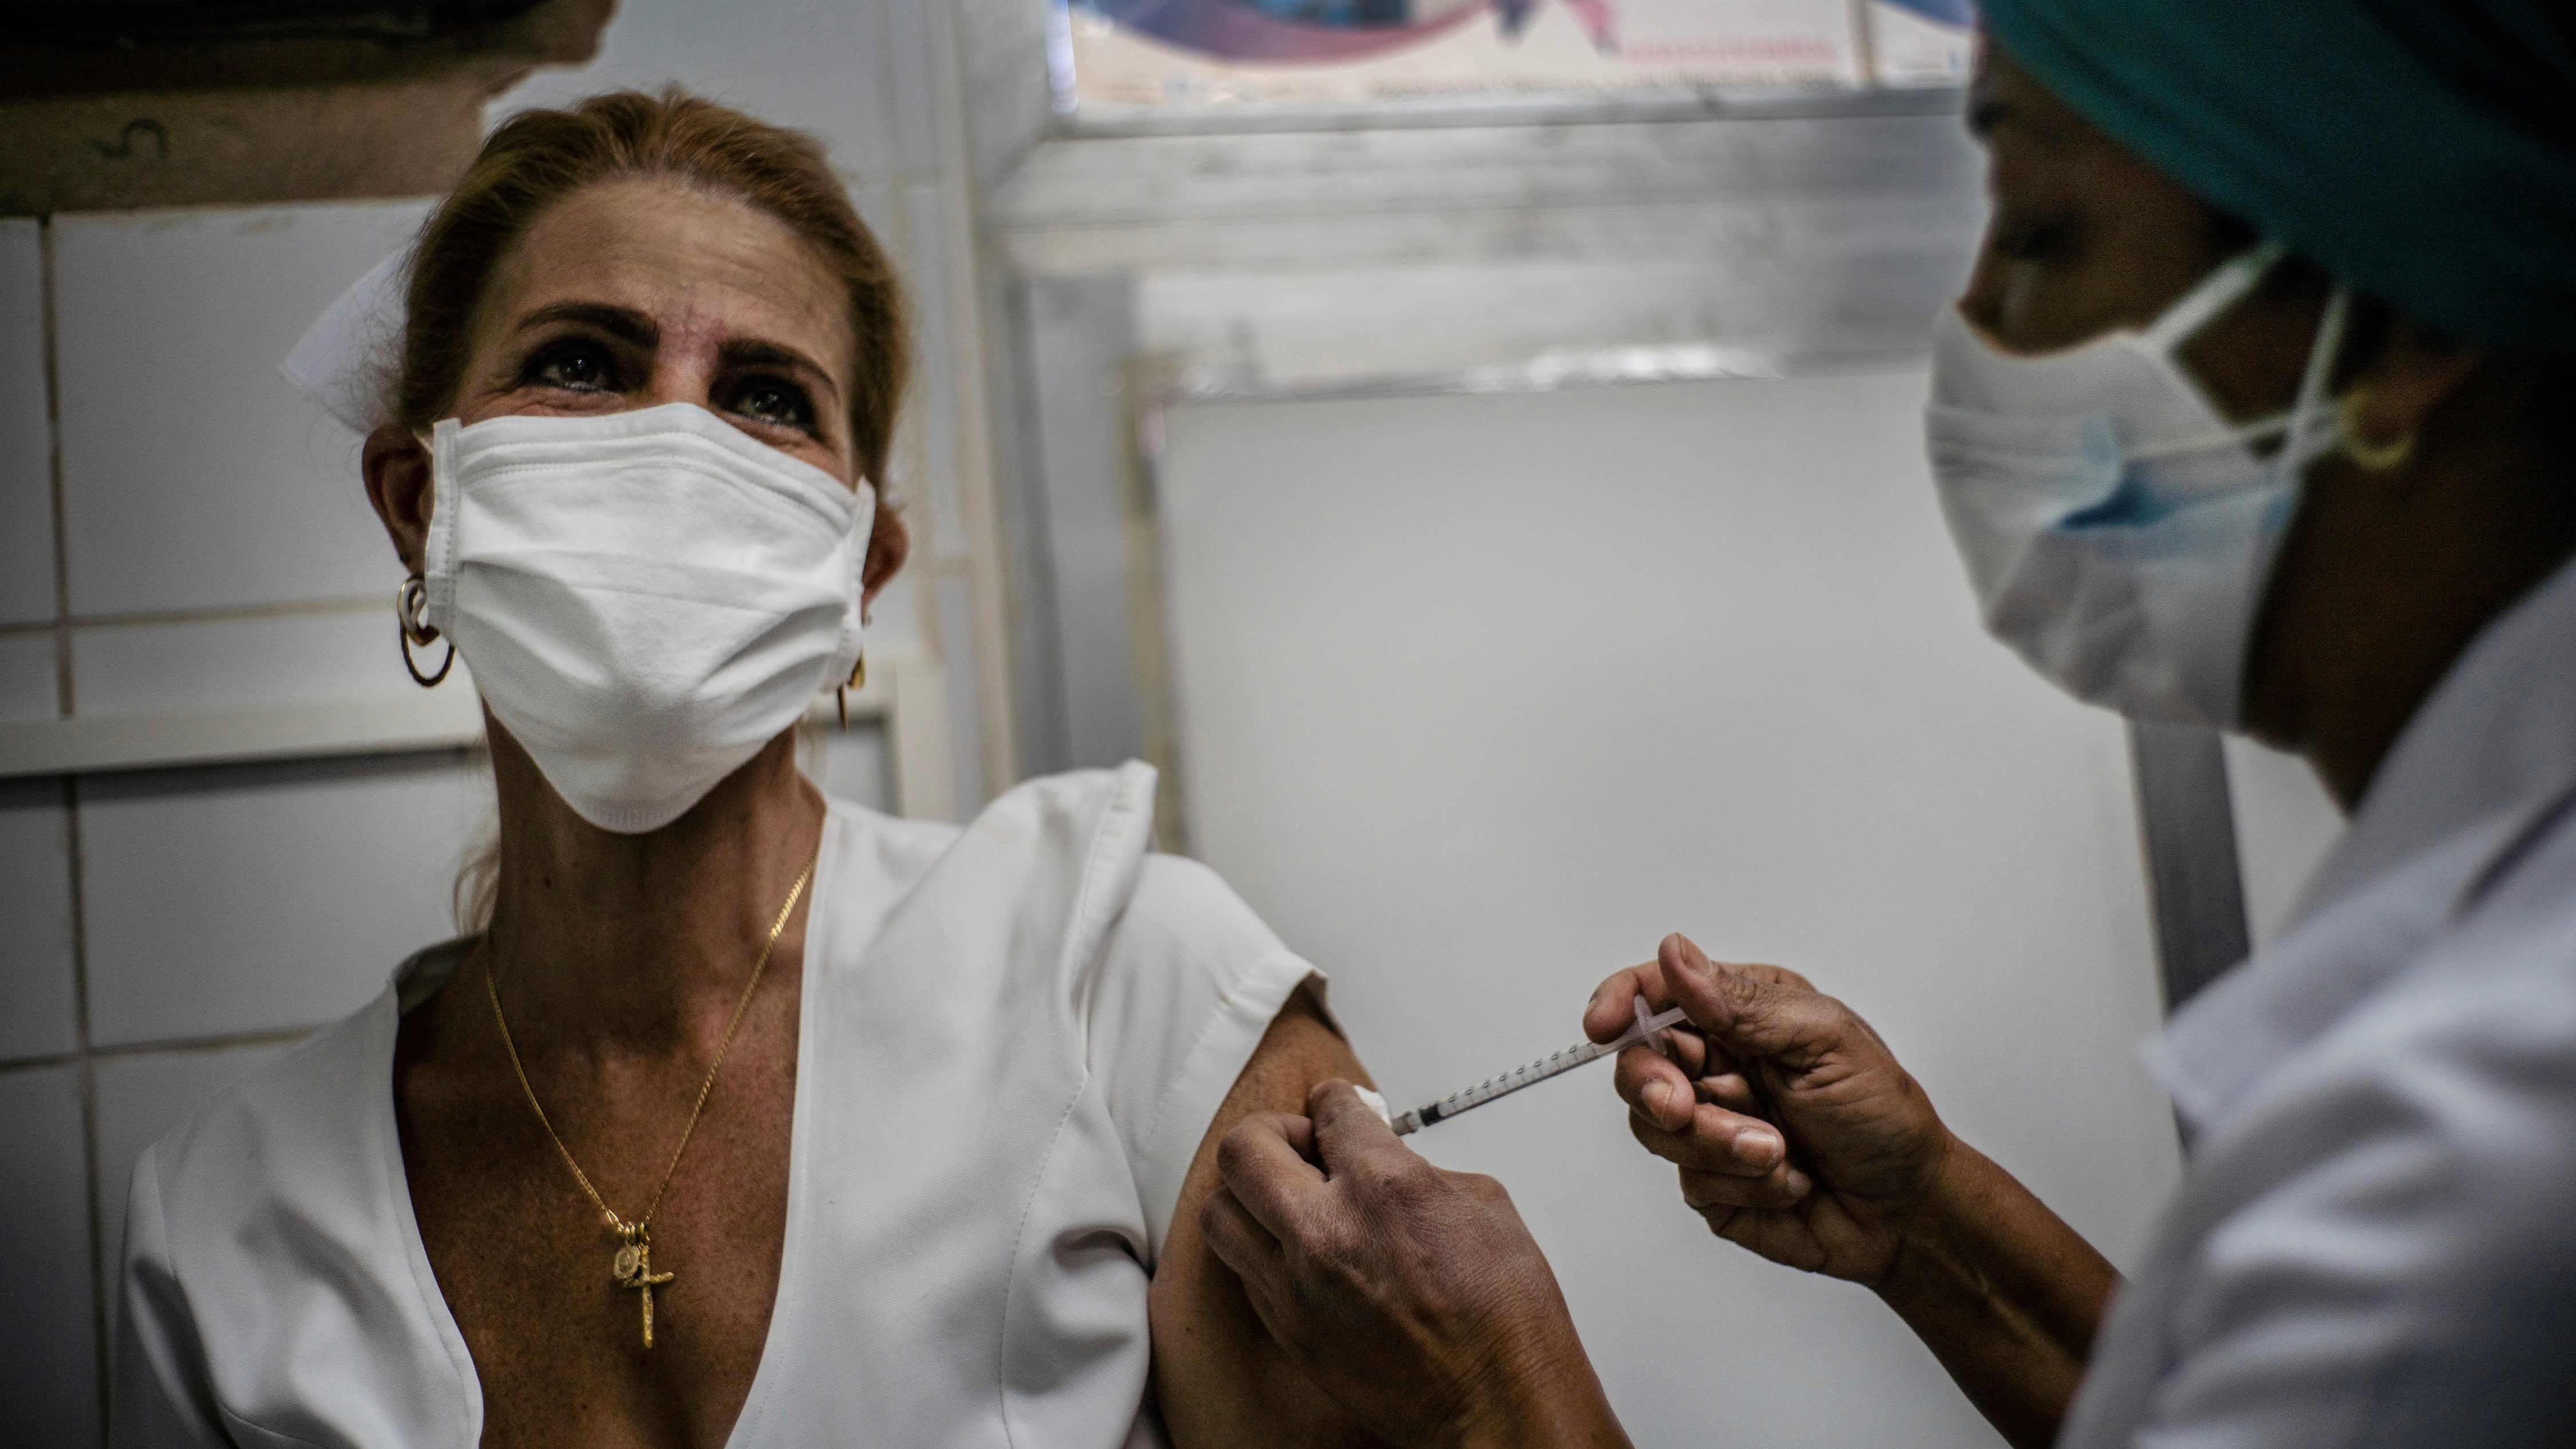 Sairaanhoitaja pistää koronavirusrokotteen terveystyöntekijän käsivarteen. Molemmilla on kasvomaskit. Huoneessa on valkoiset seinät.